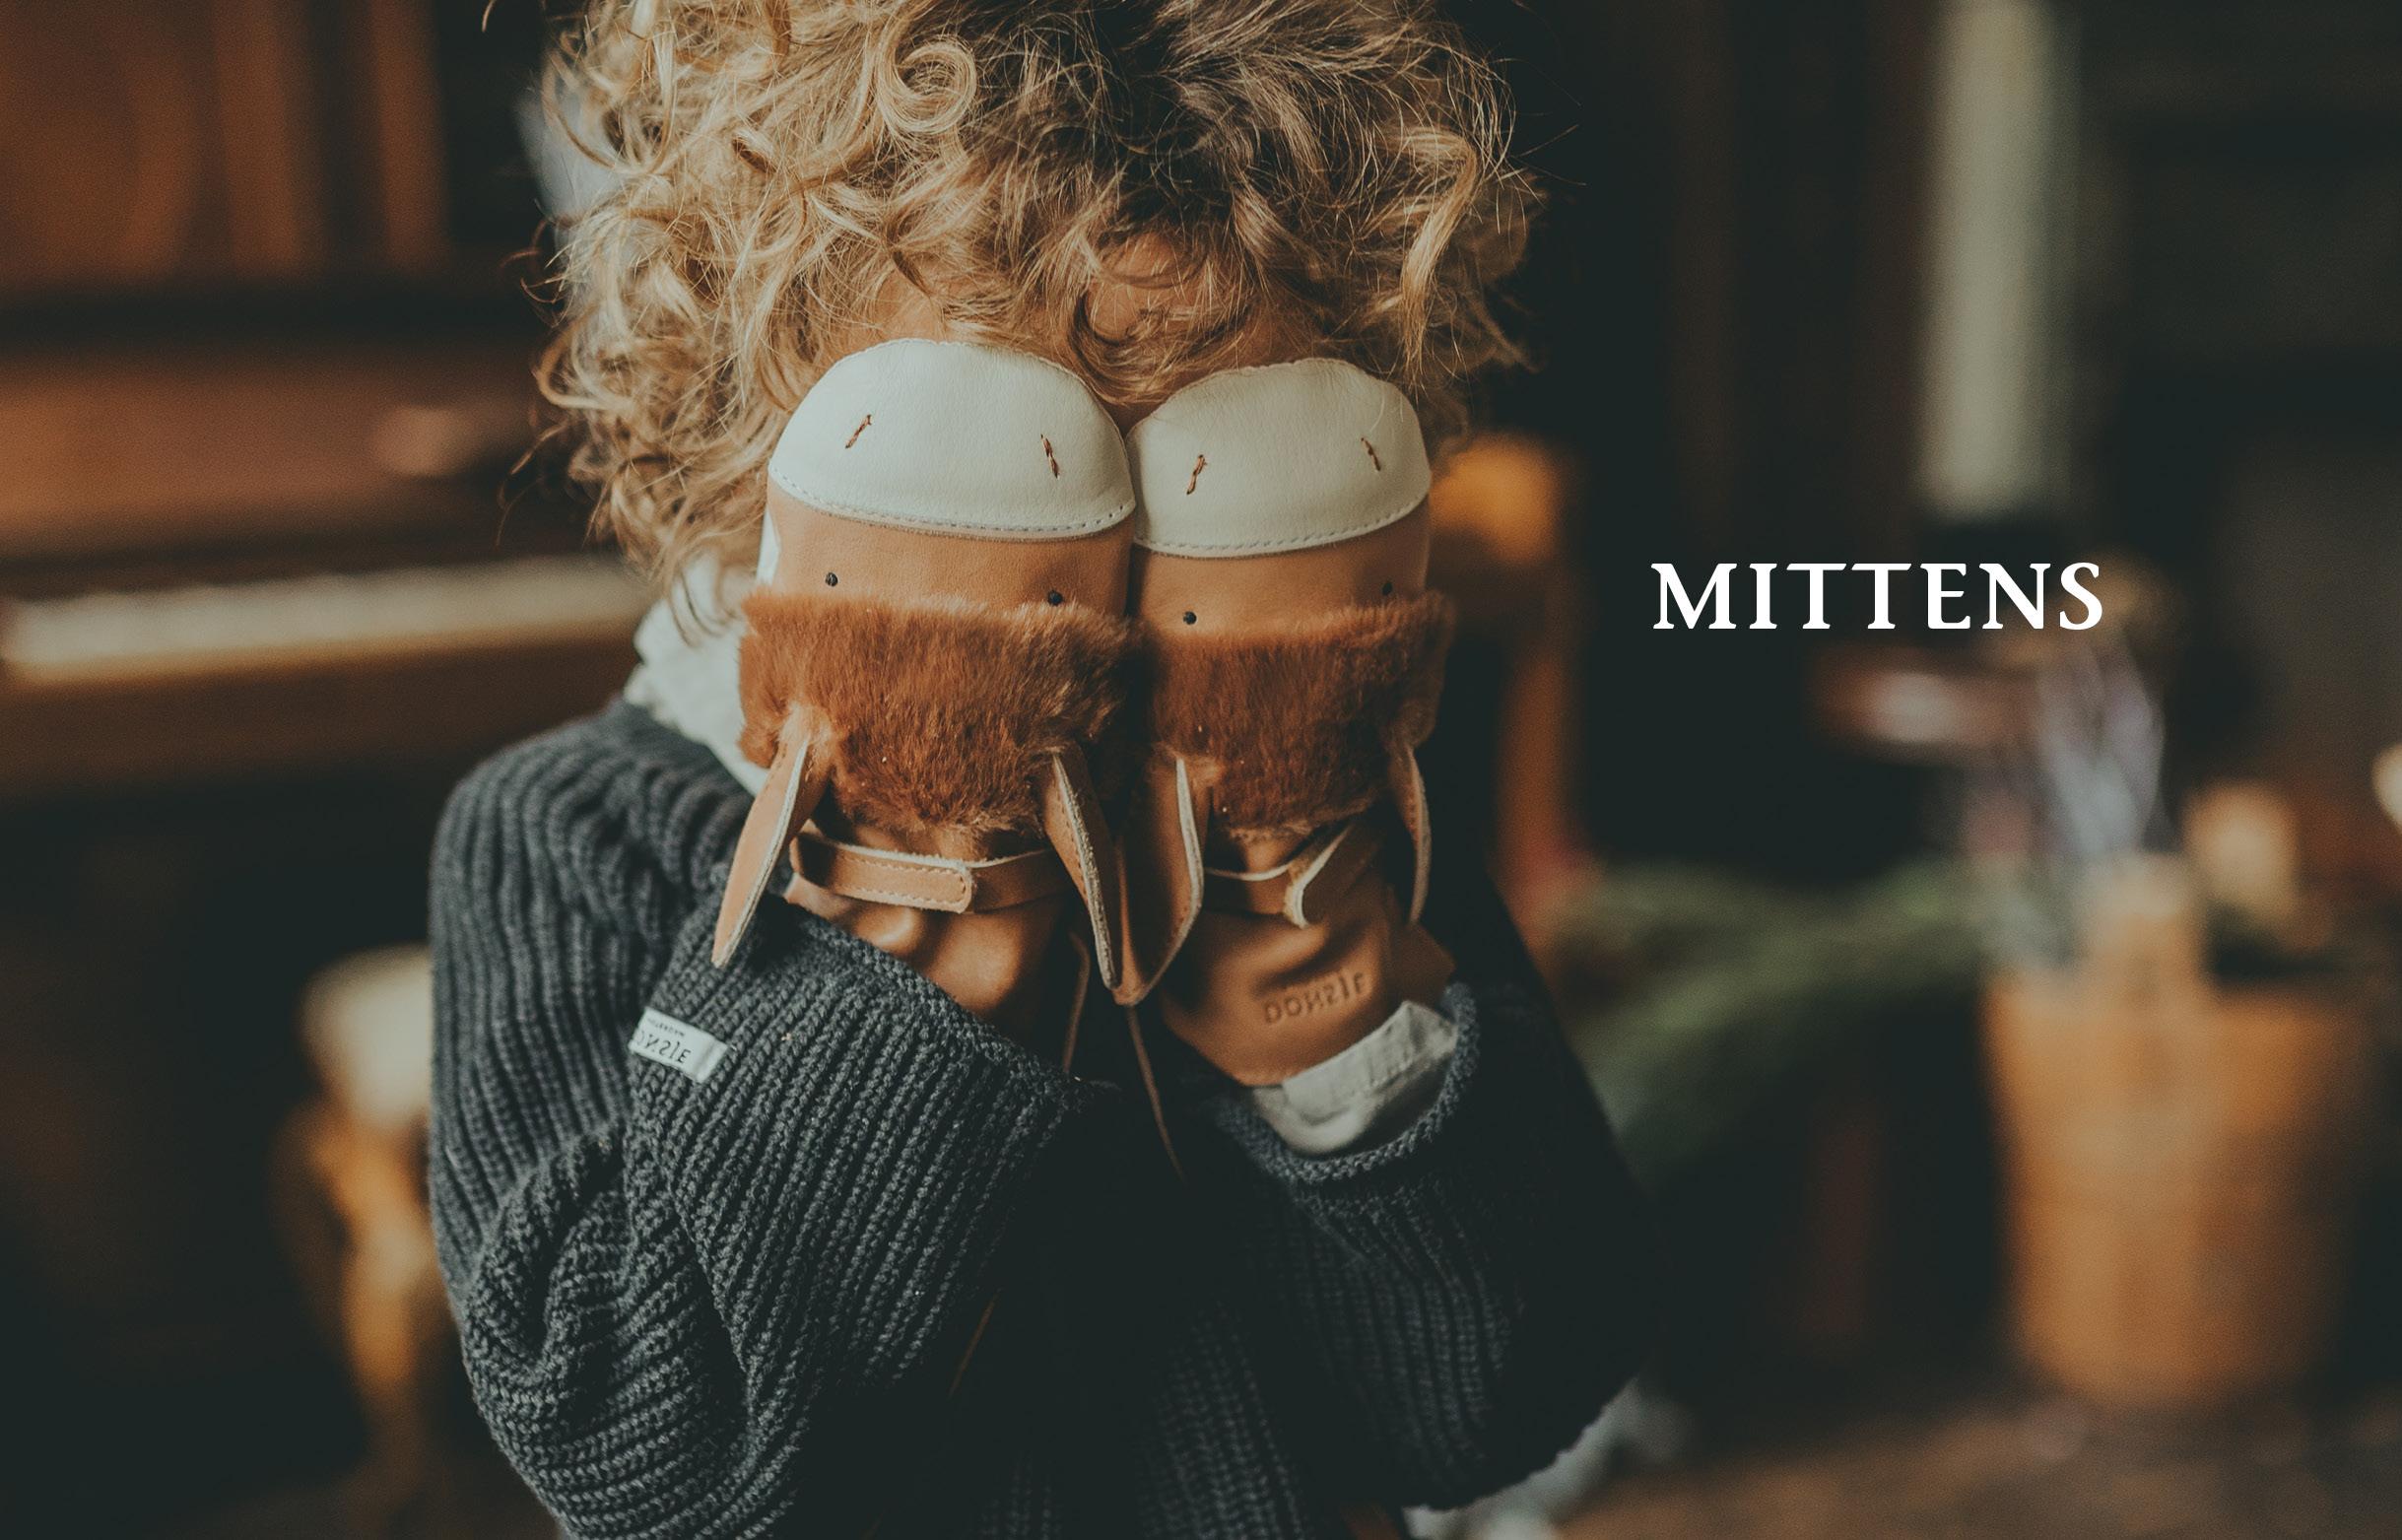 Mittens